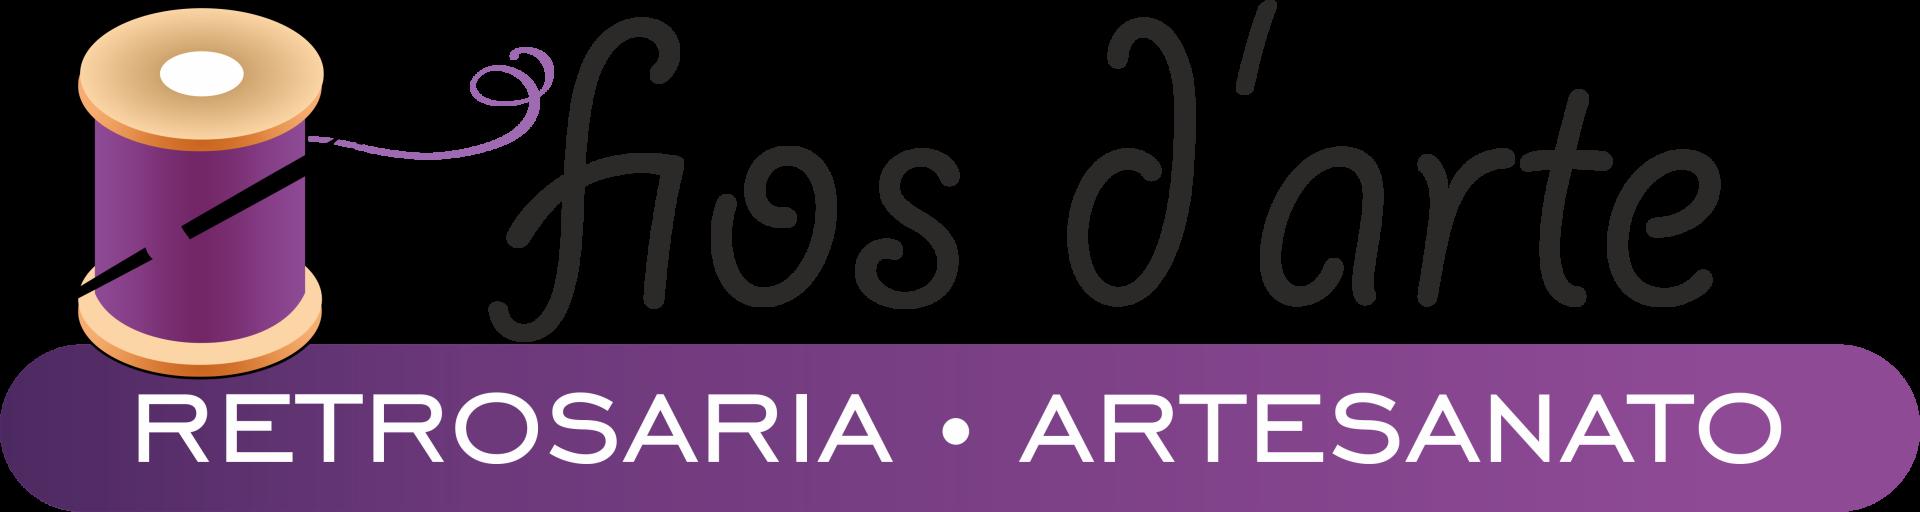 Retrosaria Fios d'arte